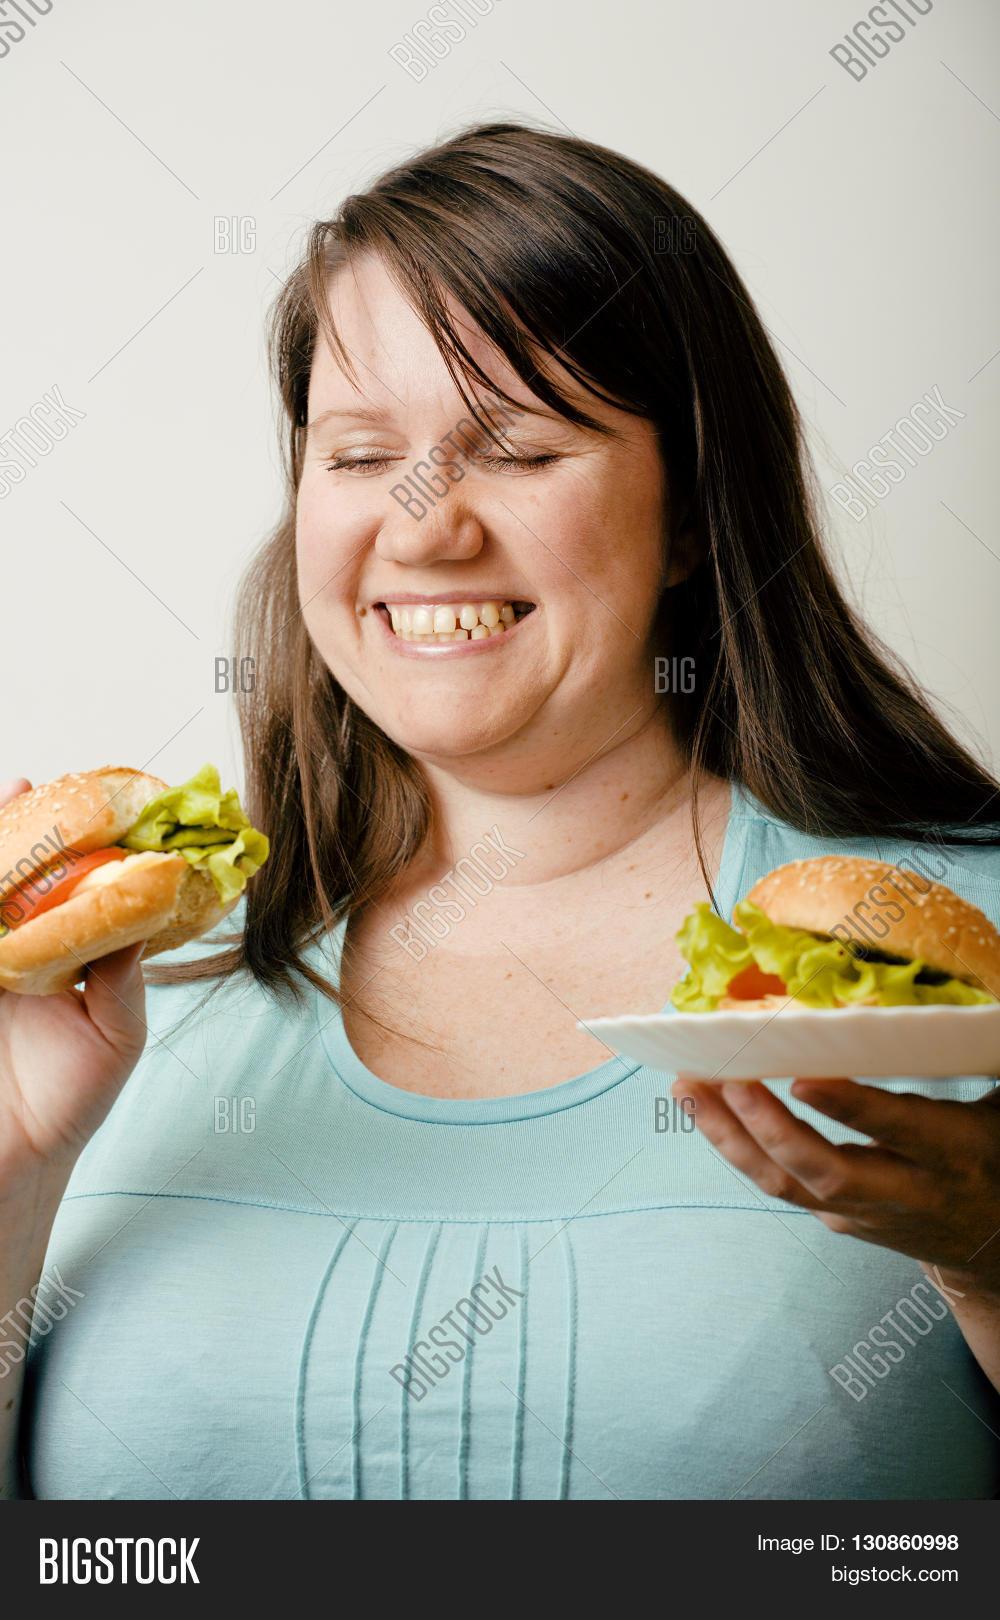 Big fat white woman